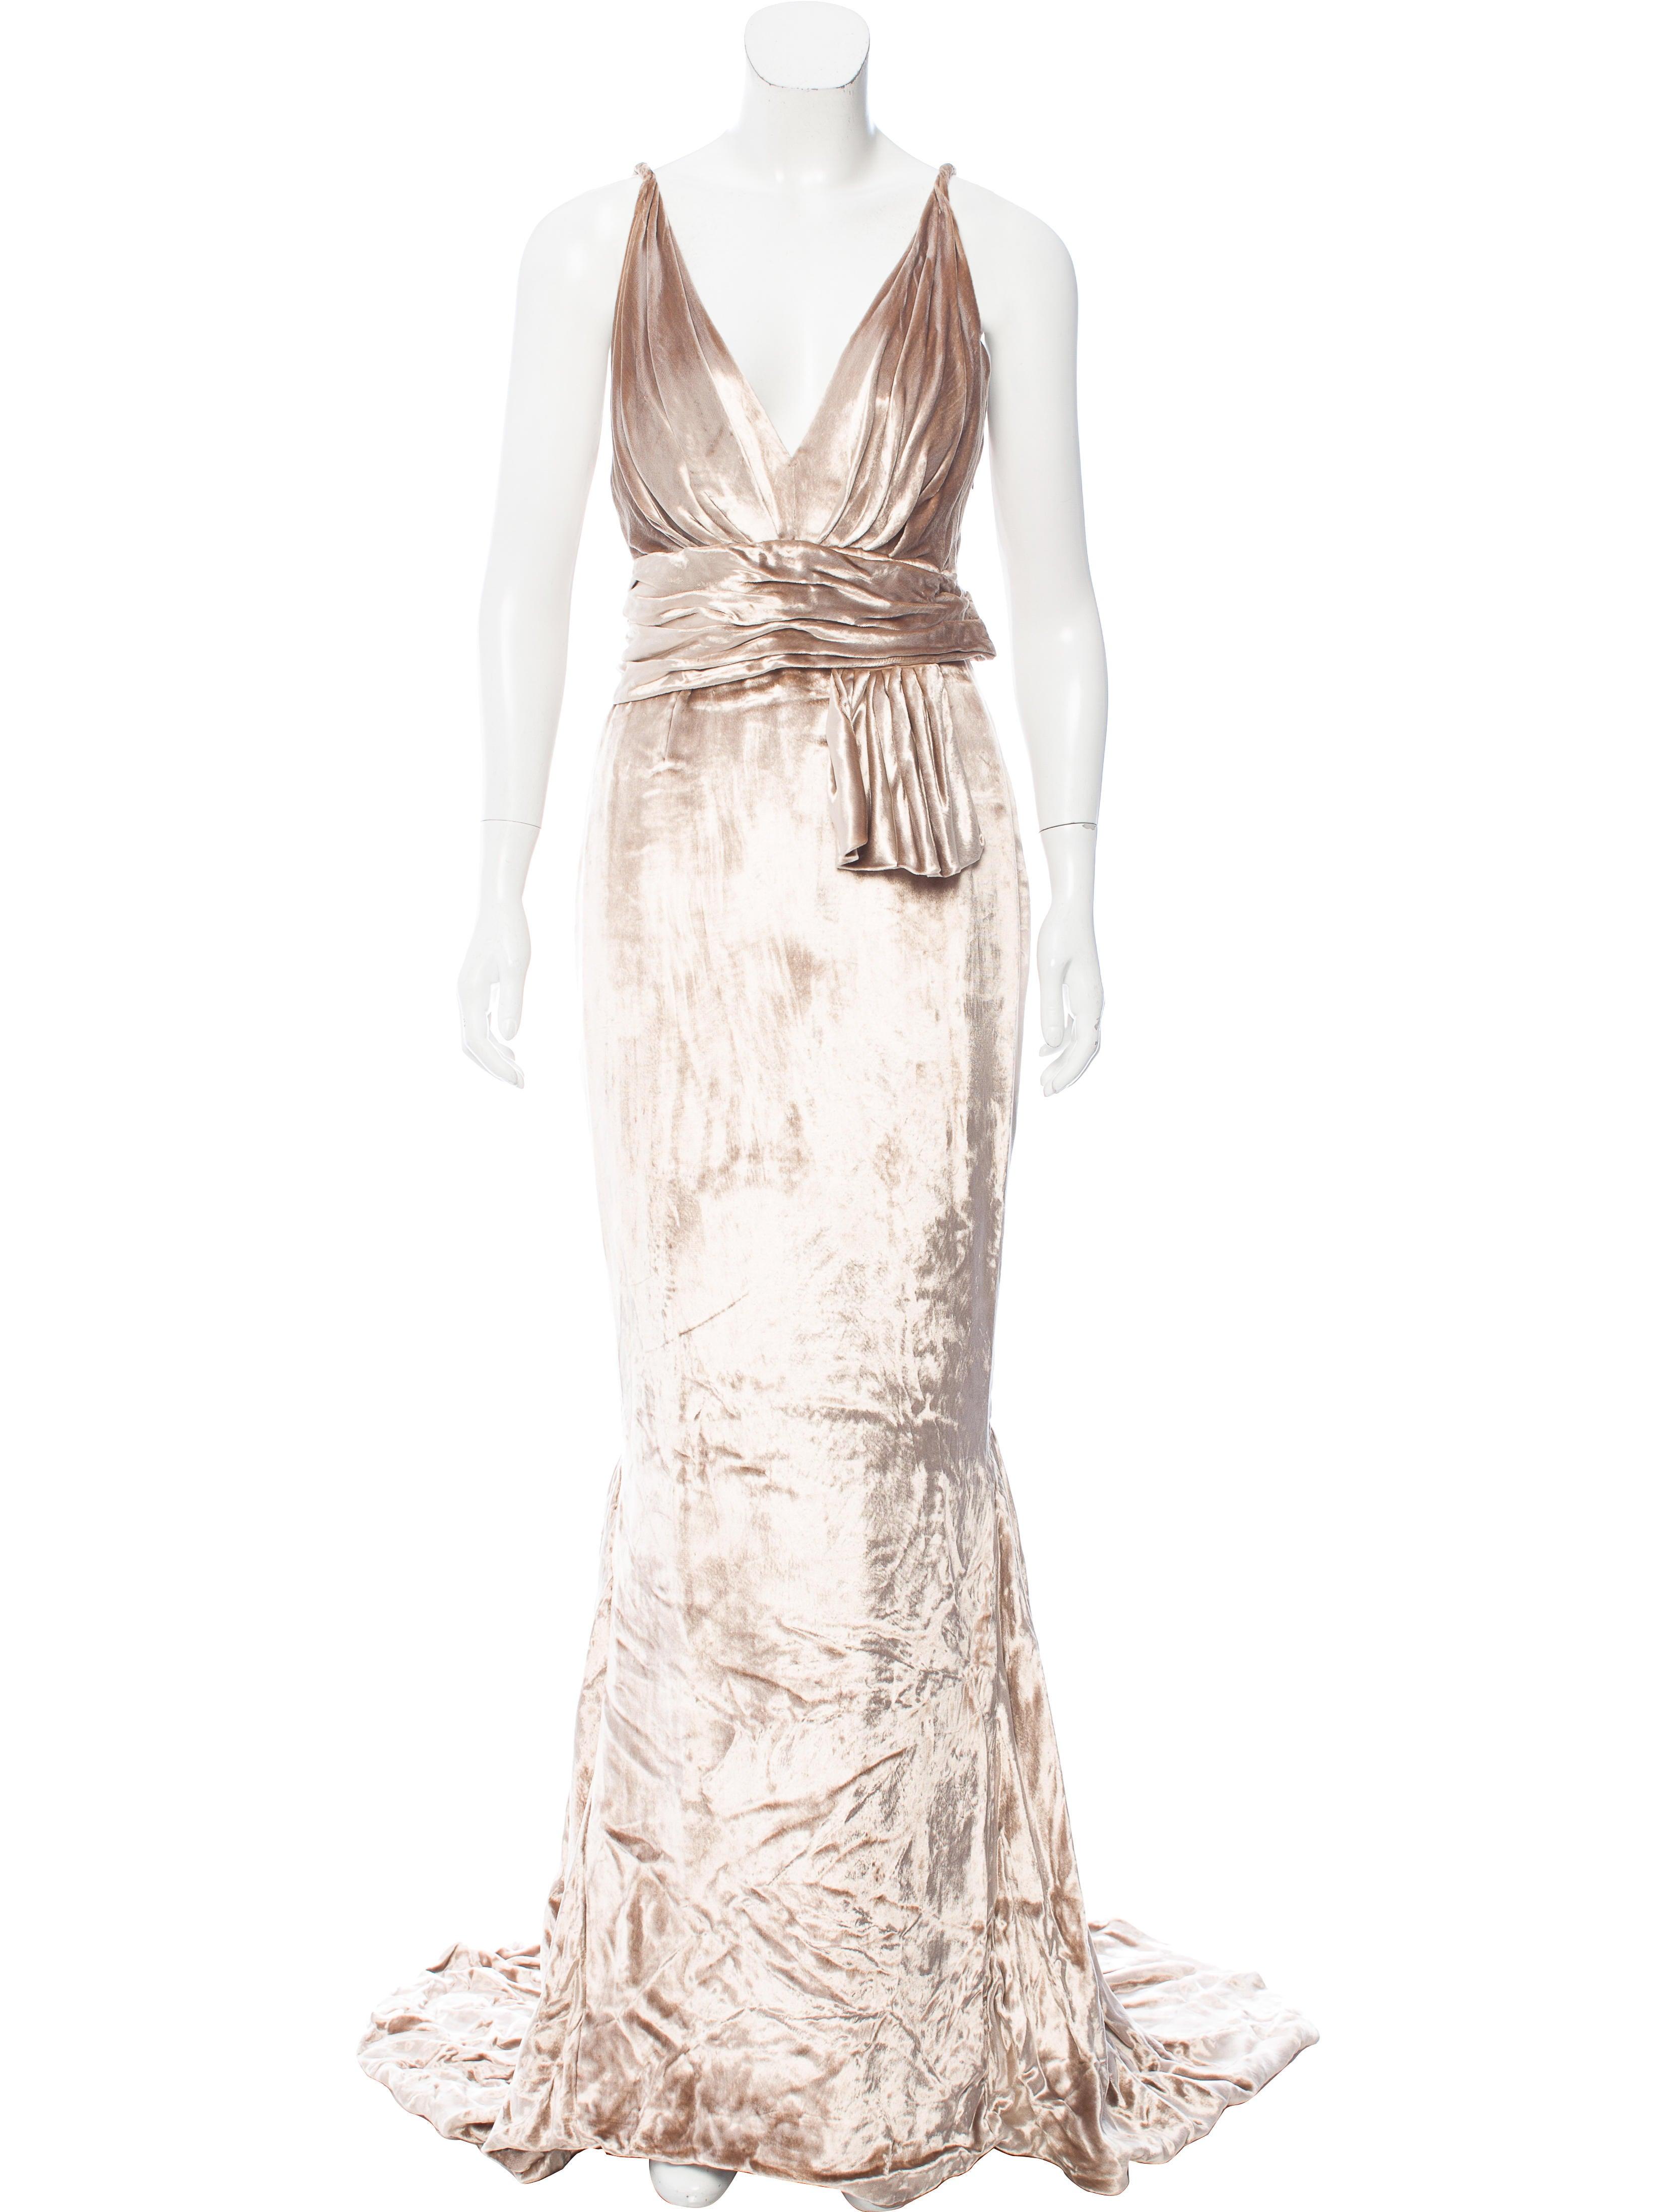 J. Mendel Velvet Evening Gown - Clothing - JME23769 | The RealReal